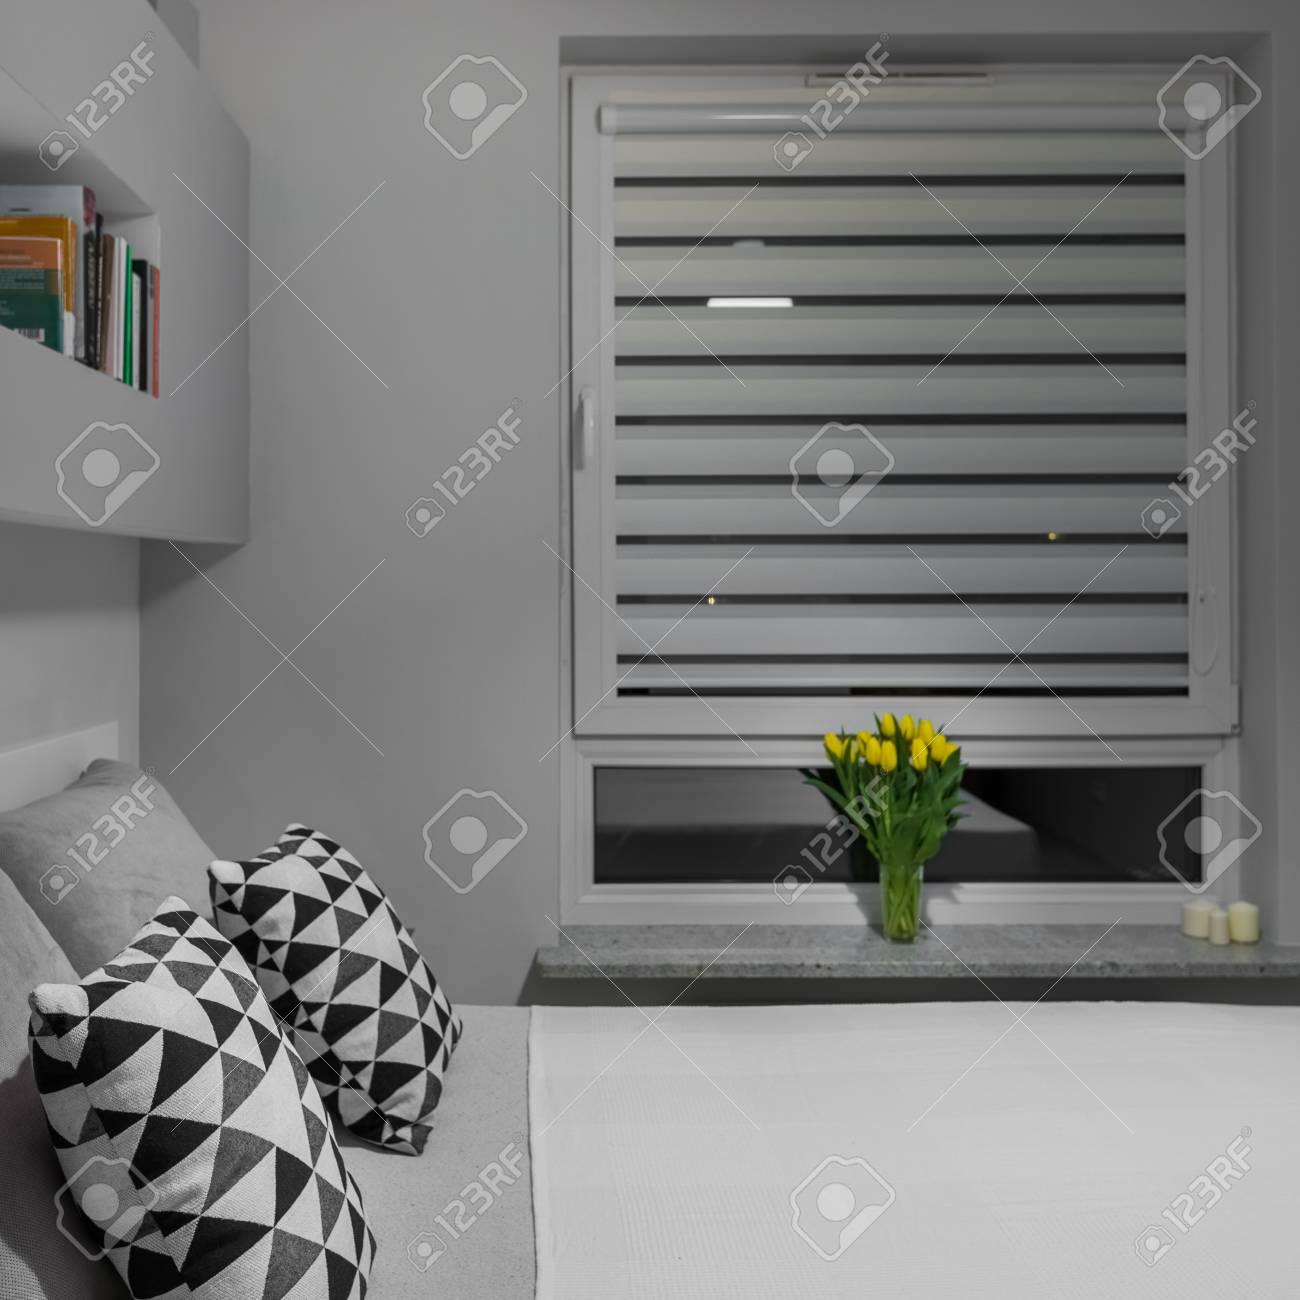 Gelbe Tulpen Auf Der Fensterbank In Weiß Und Grau Schlafzimmer